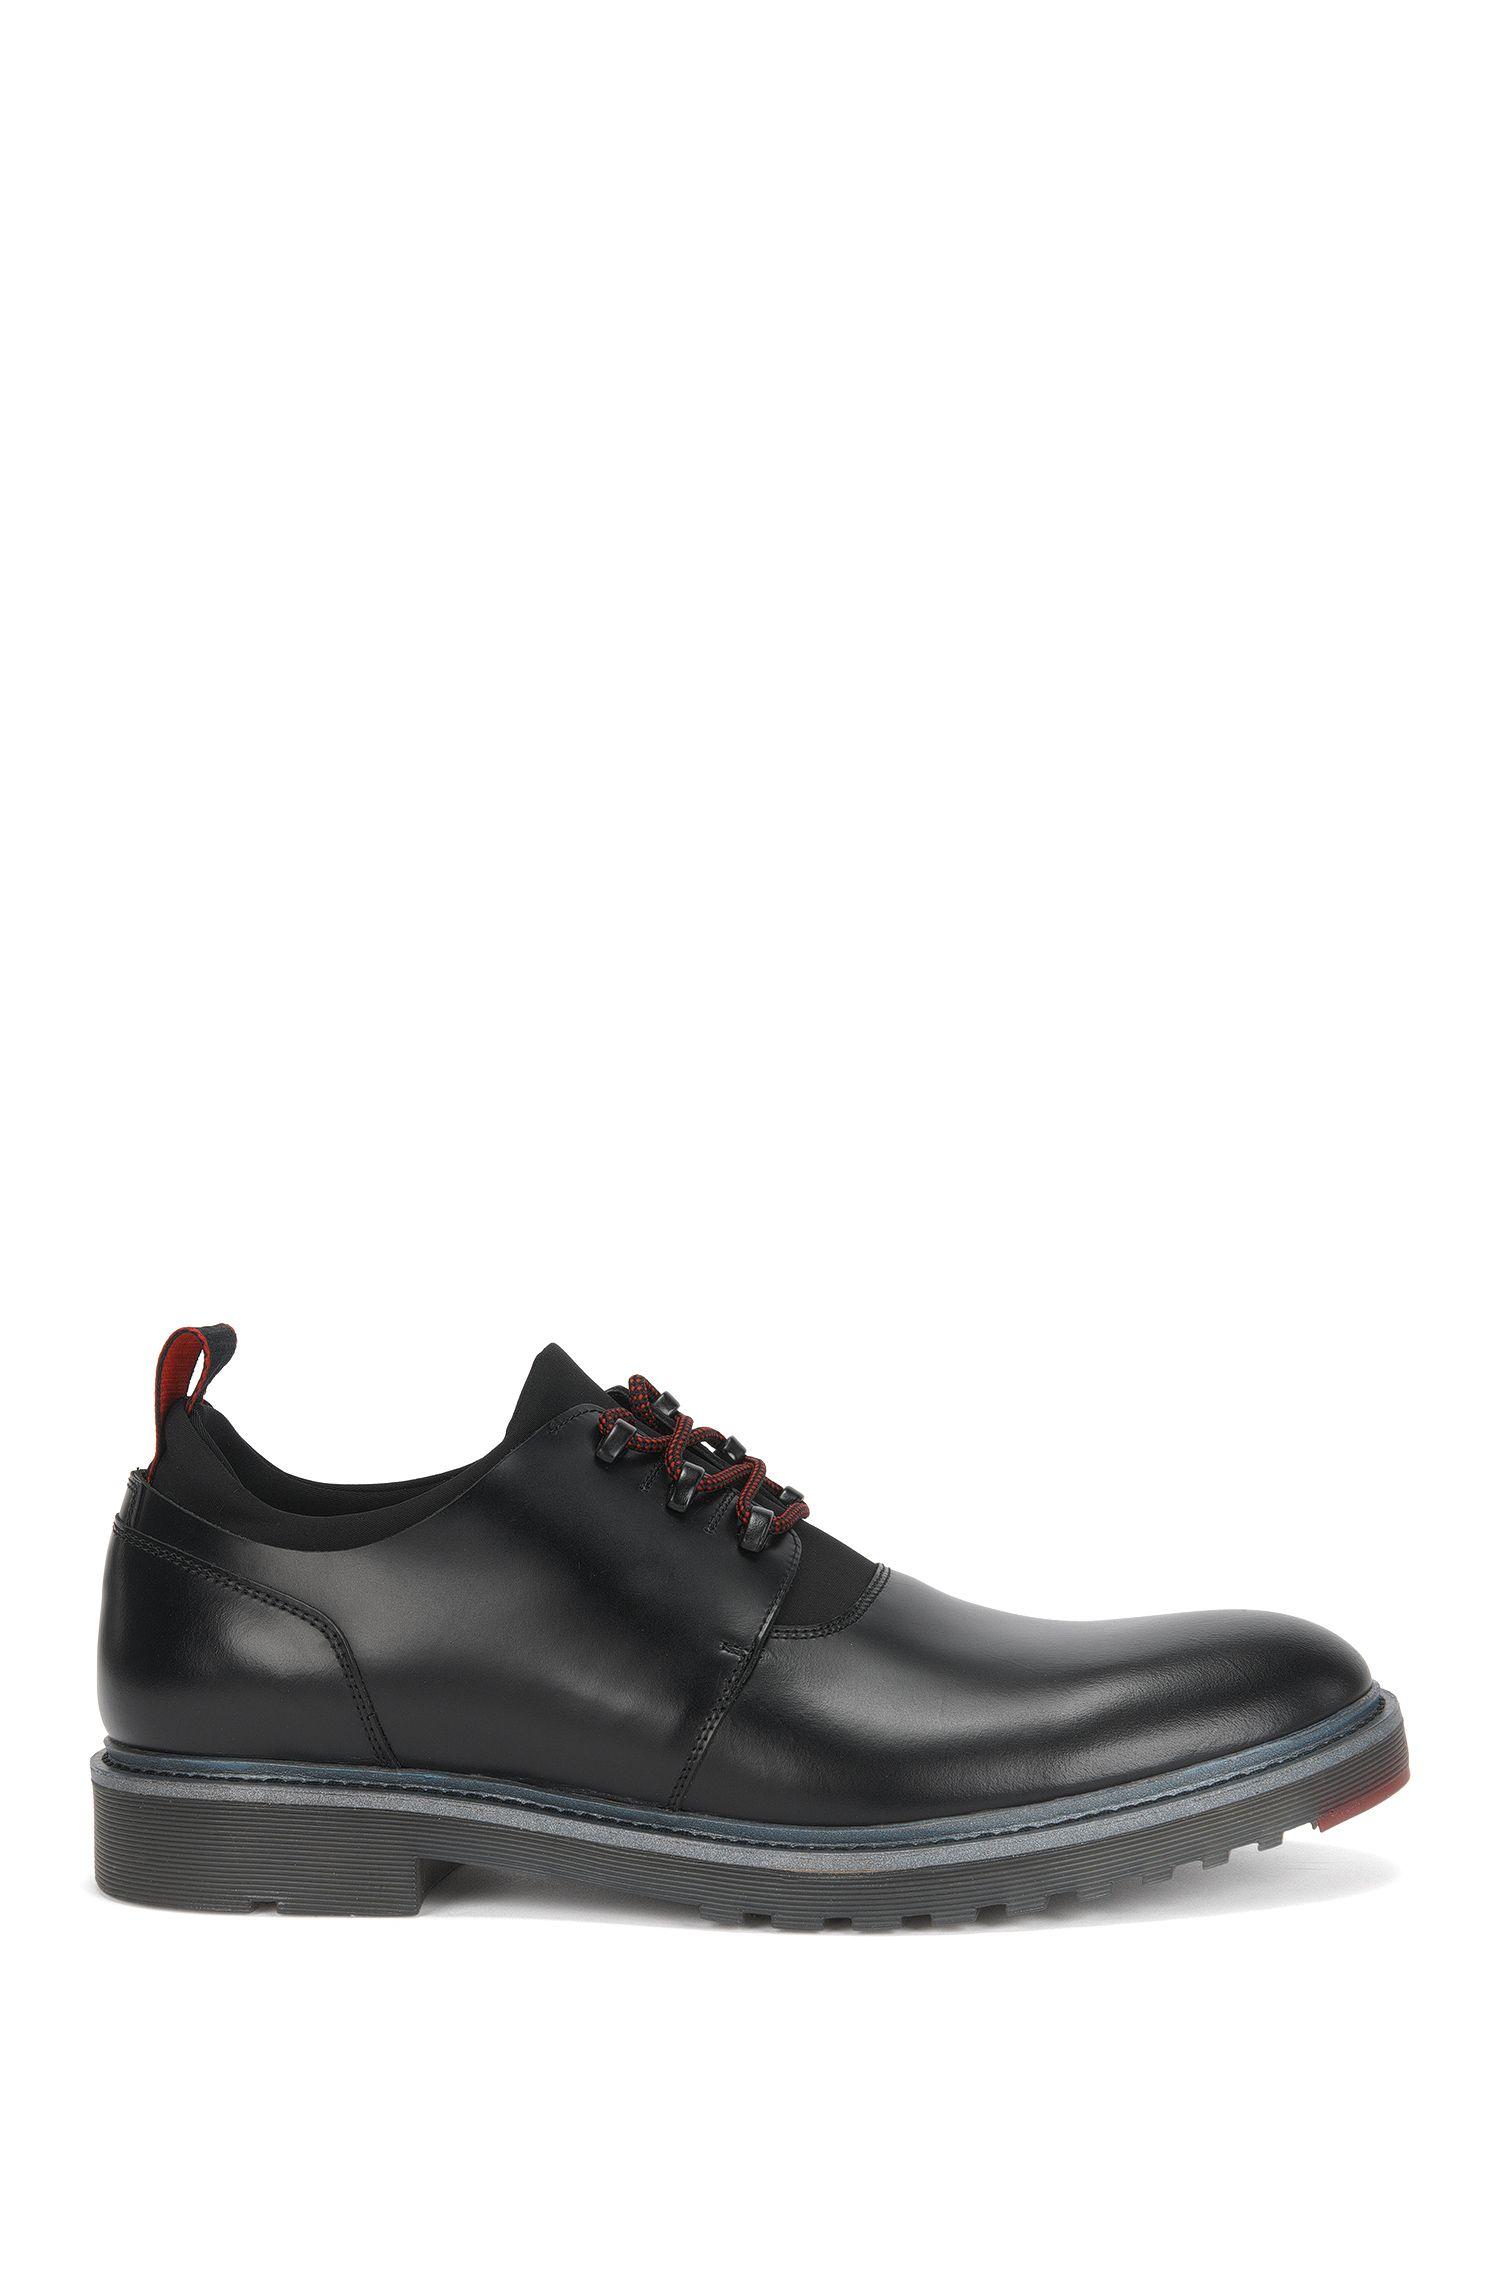 Chaussures derby lacées en cuir brossé